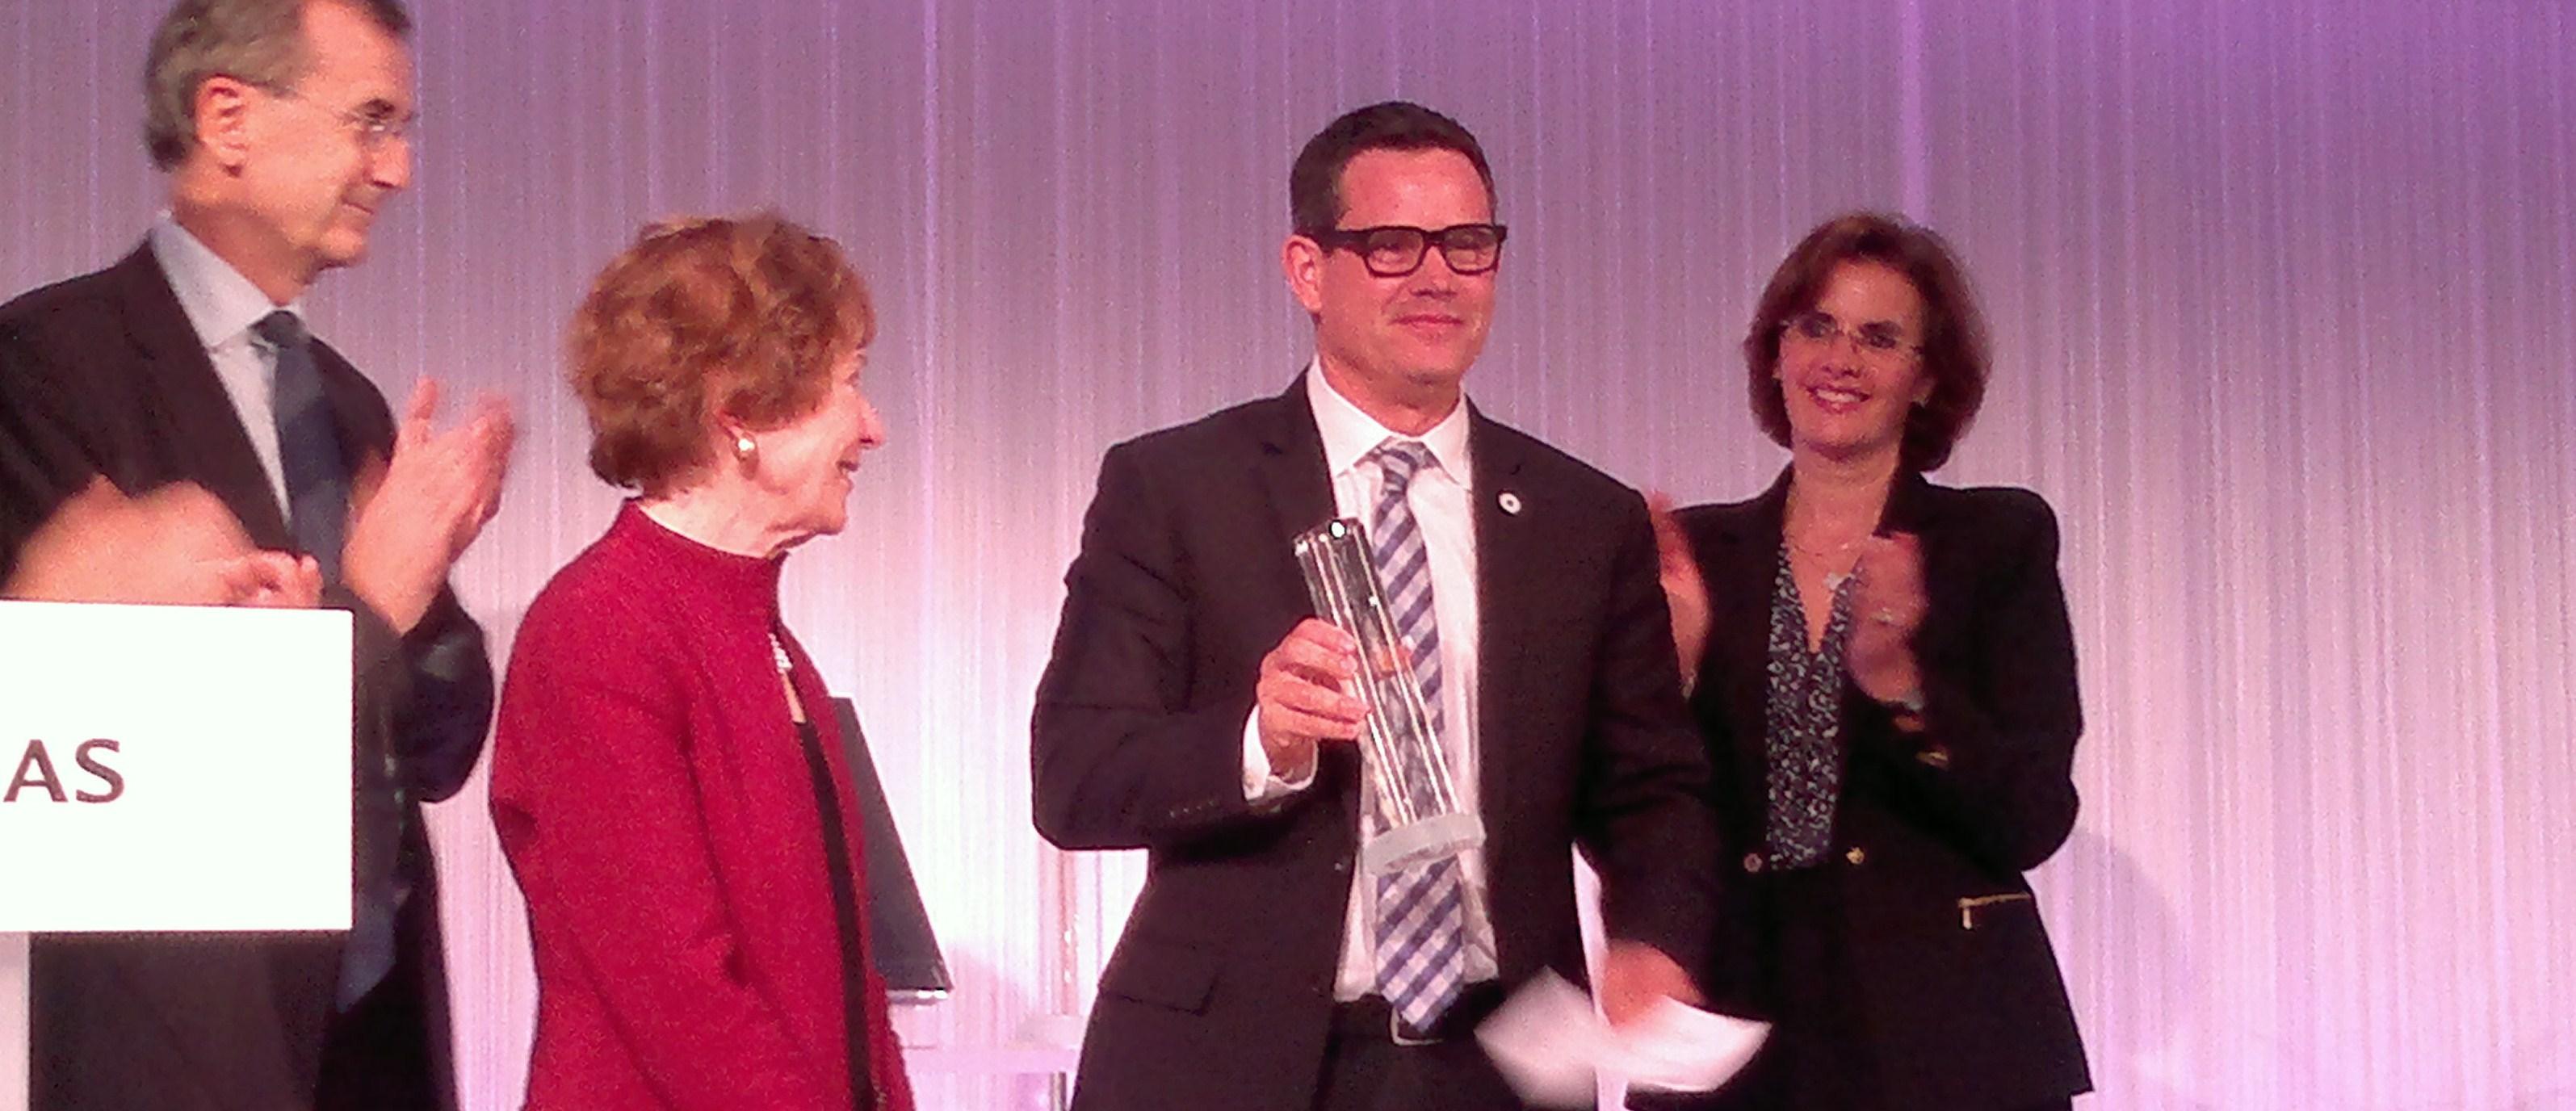 Chuck Slaughter reçoit le prix spécial BNP de la philanthropie individuelle 2013, entouré de François Villeroy de Galhau (BNP), Suzanne Berger (MIT) et Sofia Merlo (BNP). (photo © GPouzin)